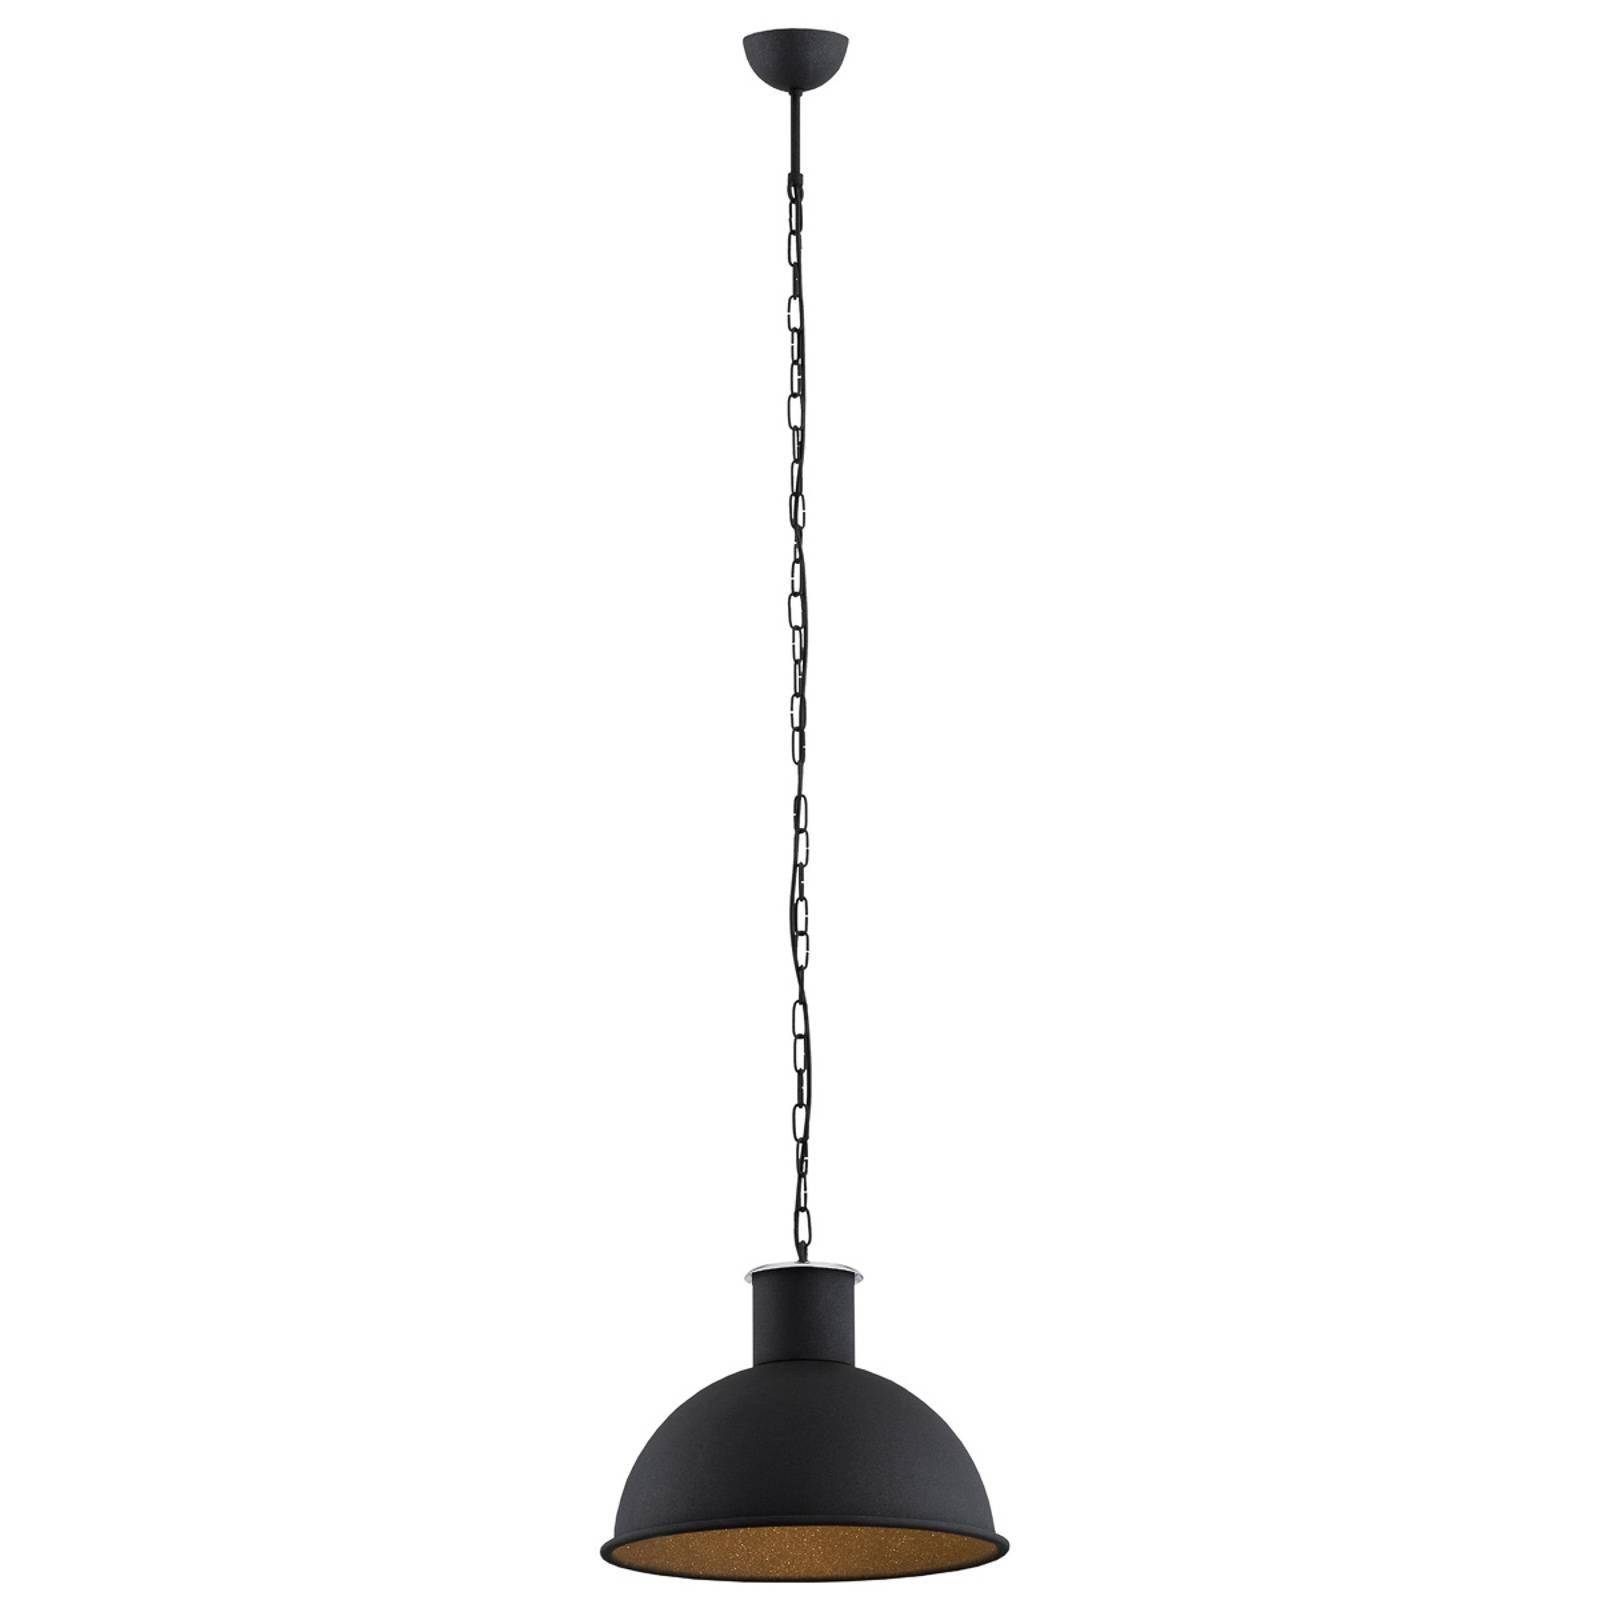 Suspension Emoti à 1 lampe, noire